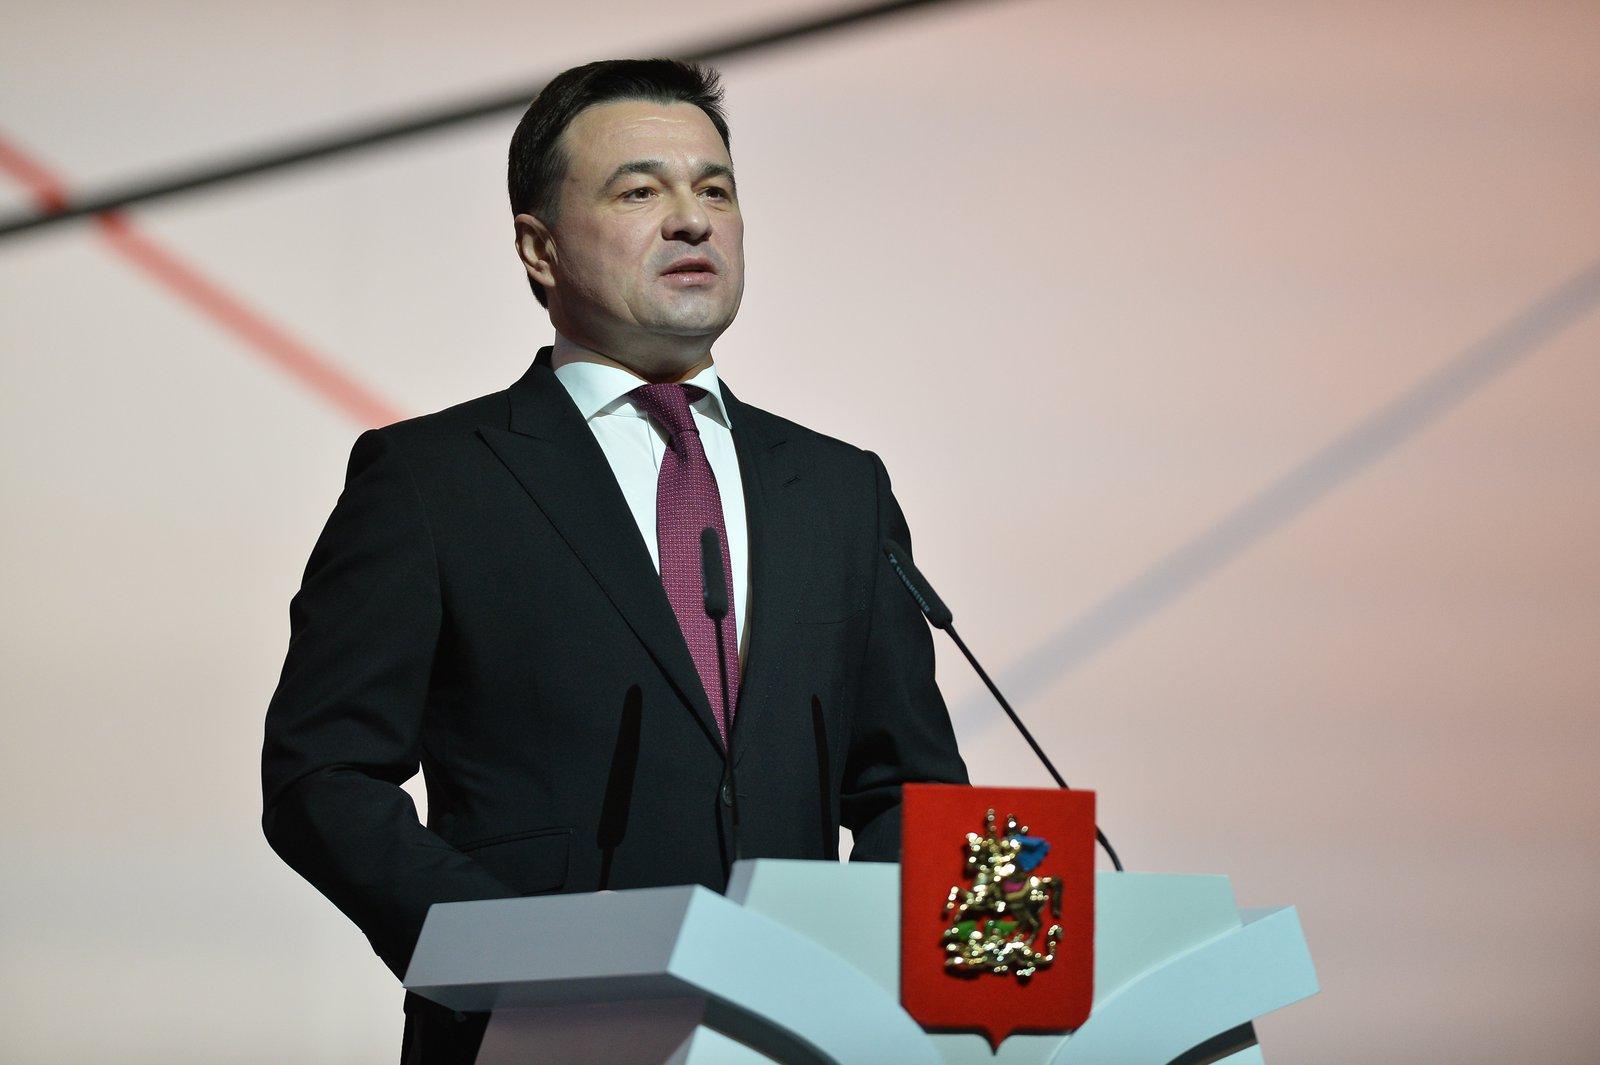 Андрей Воробьев губернатор московской области - «Новая пятилетка». Обращение к жителям Московской области